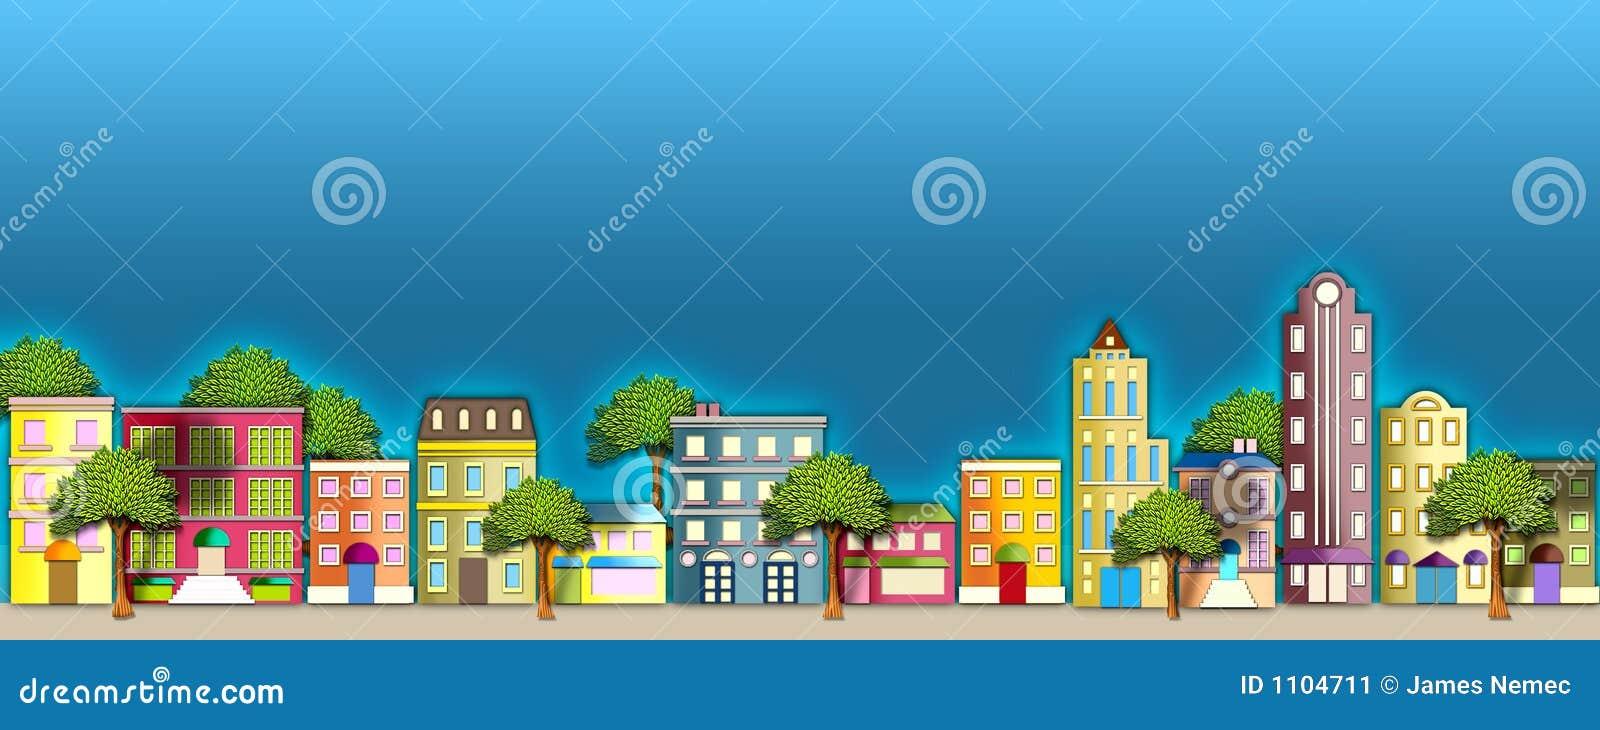 De illustratie van de buurt